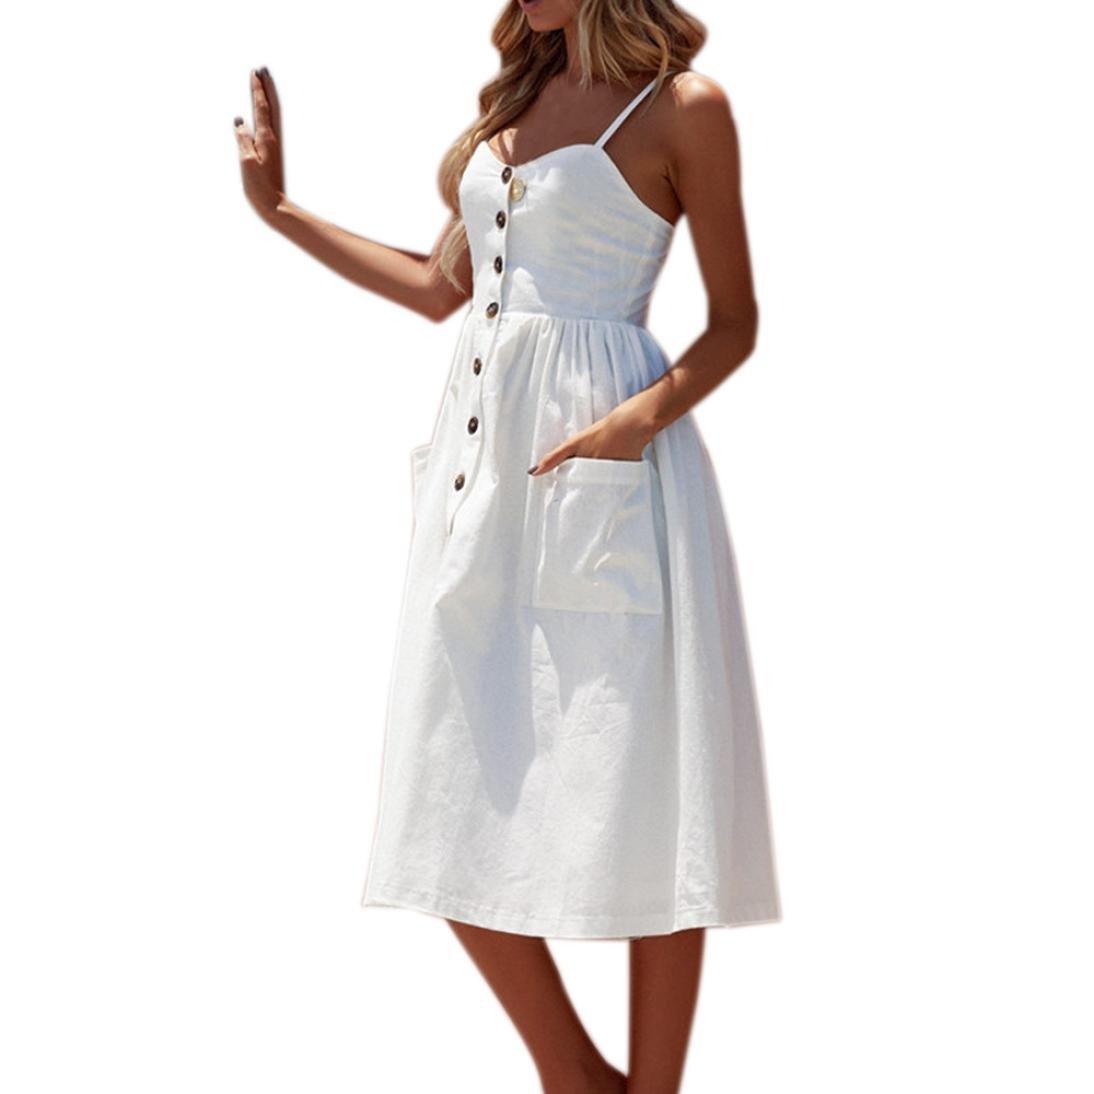 Abito estivo vestito maxi vestito abito spiaggia tempo libero donne Vestito Abito Taglia 36,38